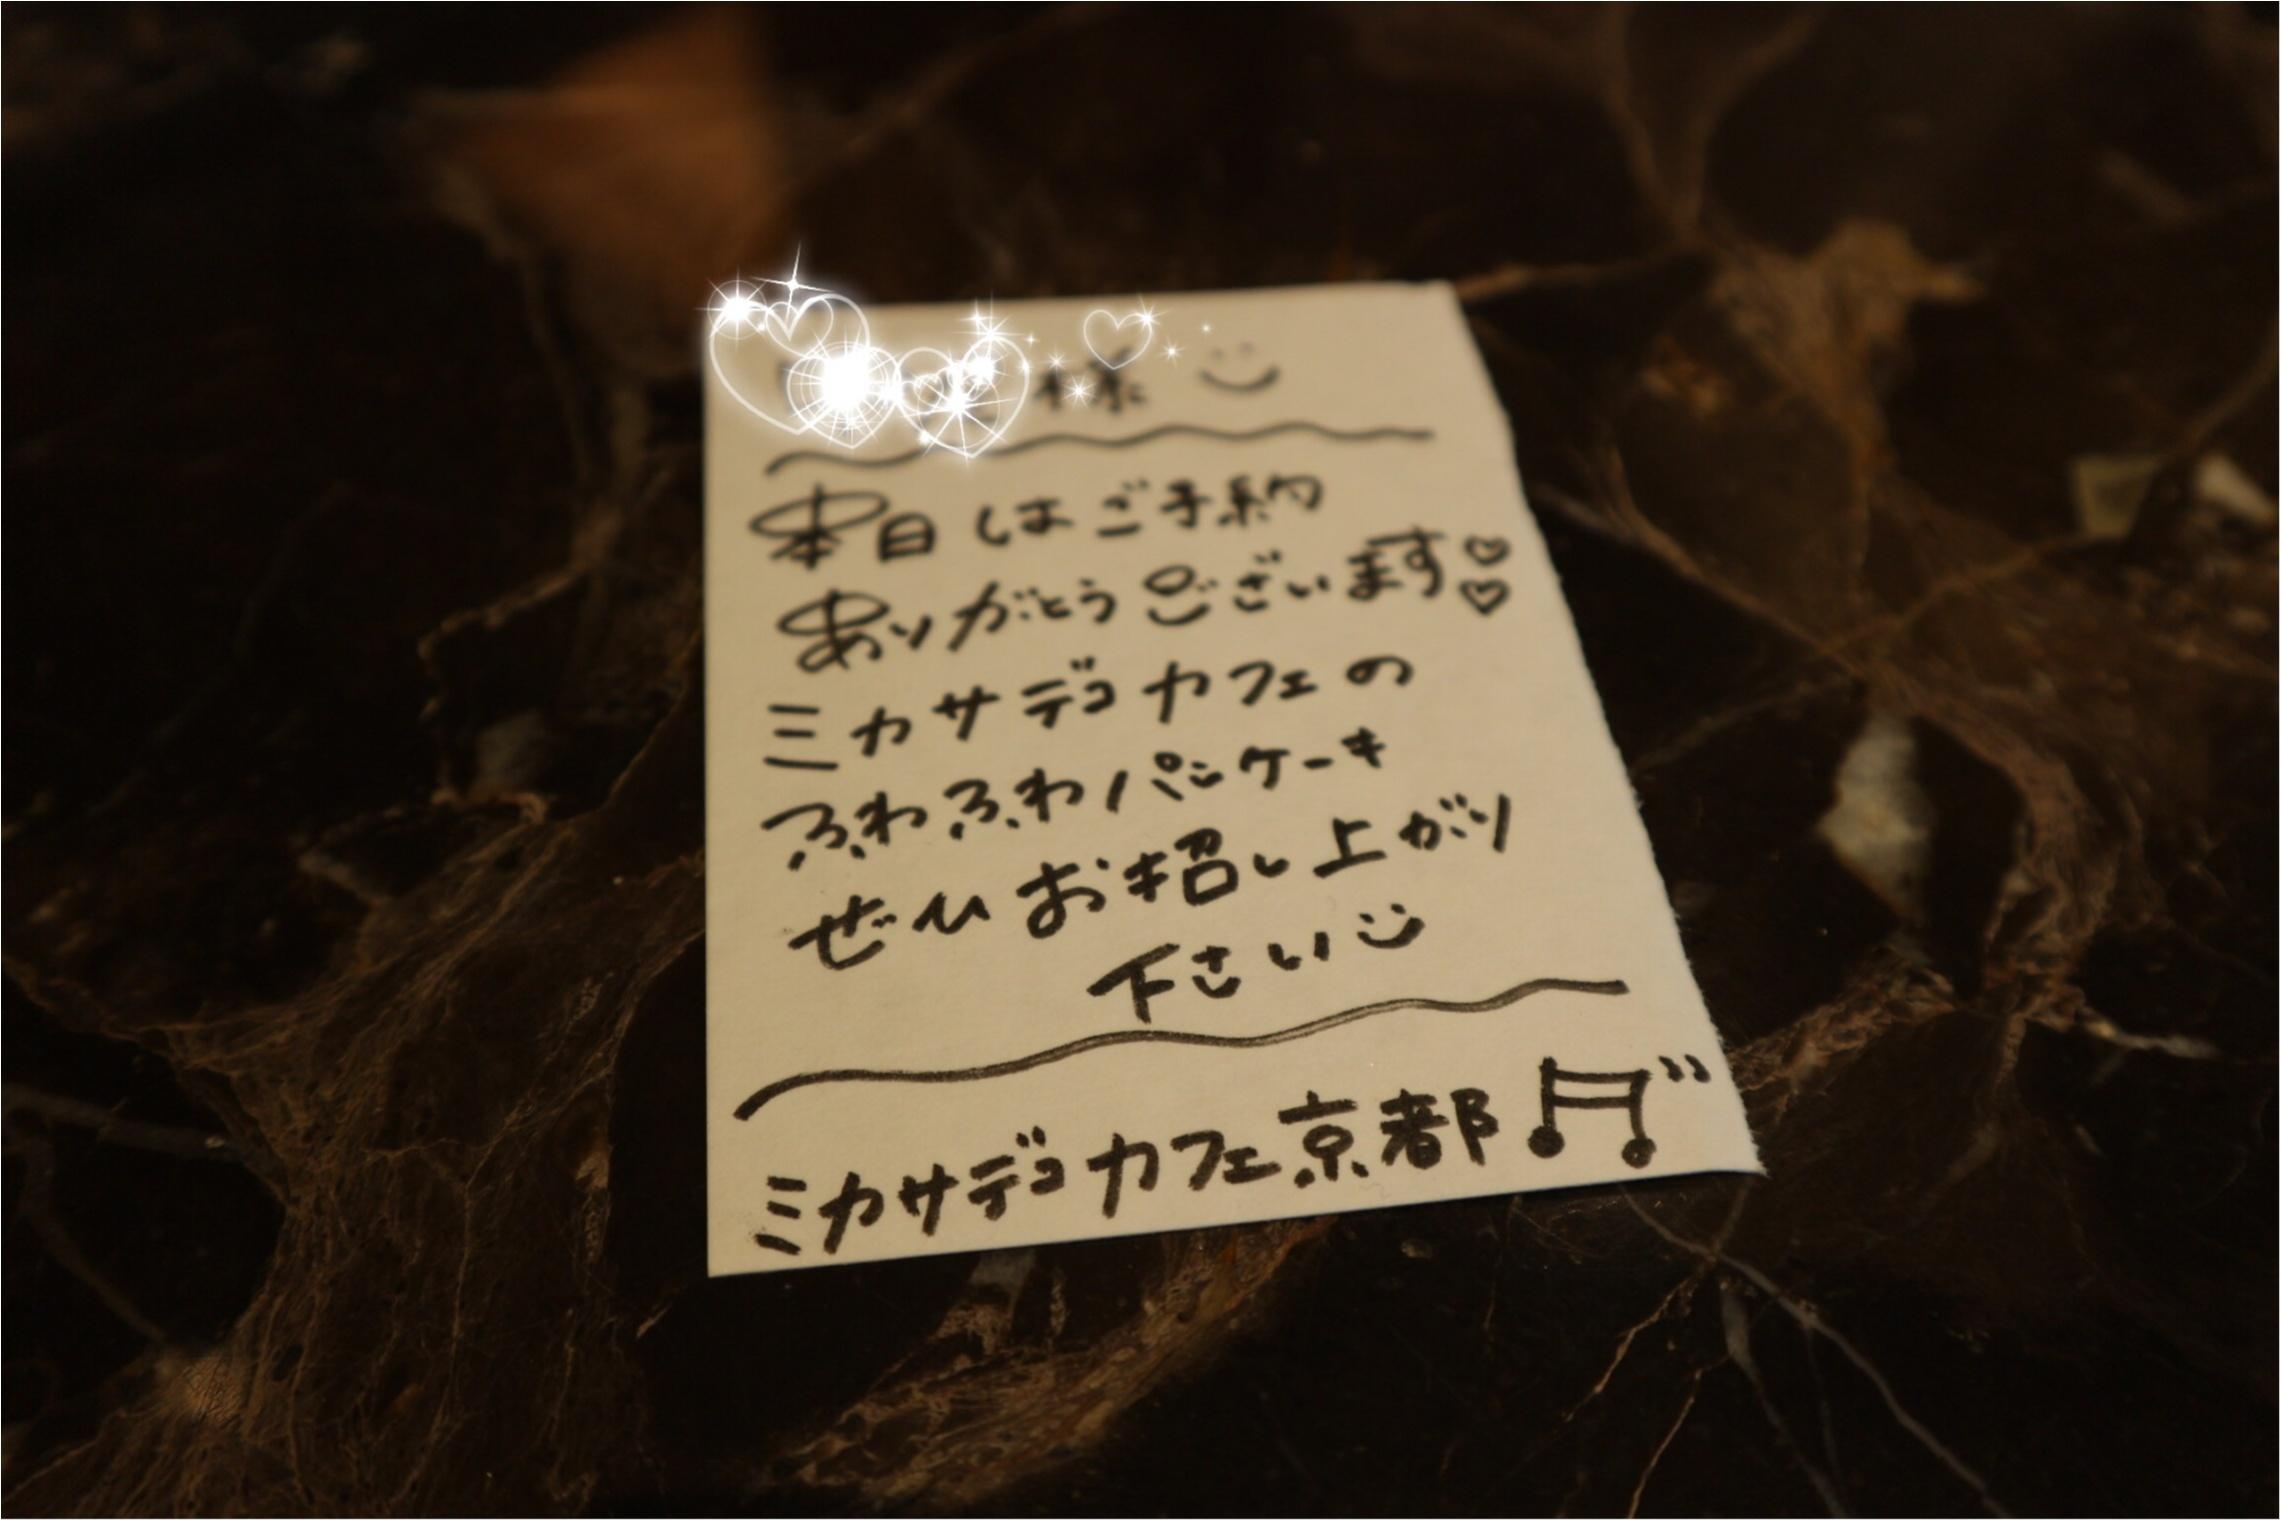 【京都】秋の風情を感じながらふわふわのパンケーキ❤︎_5